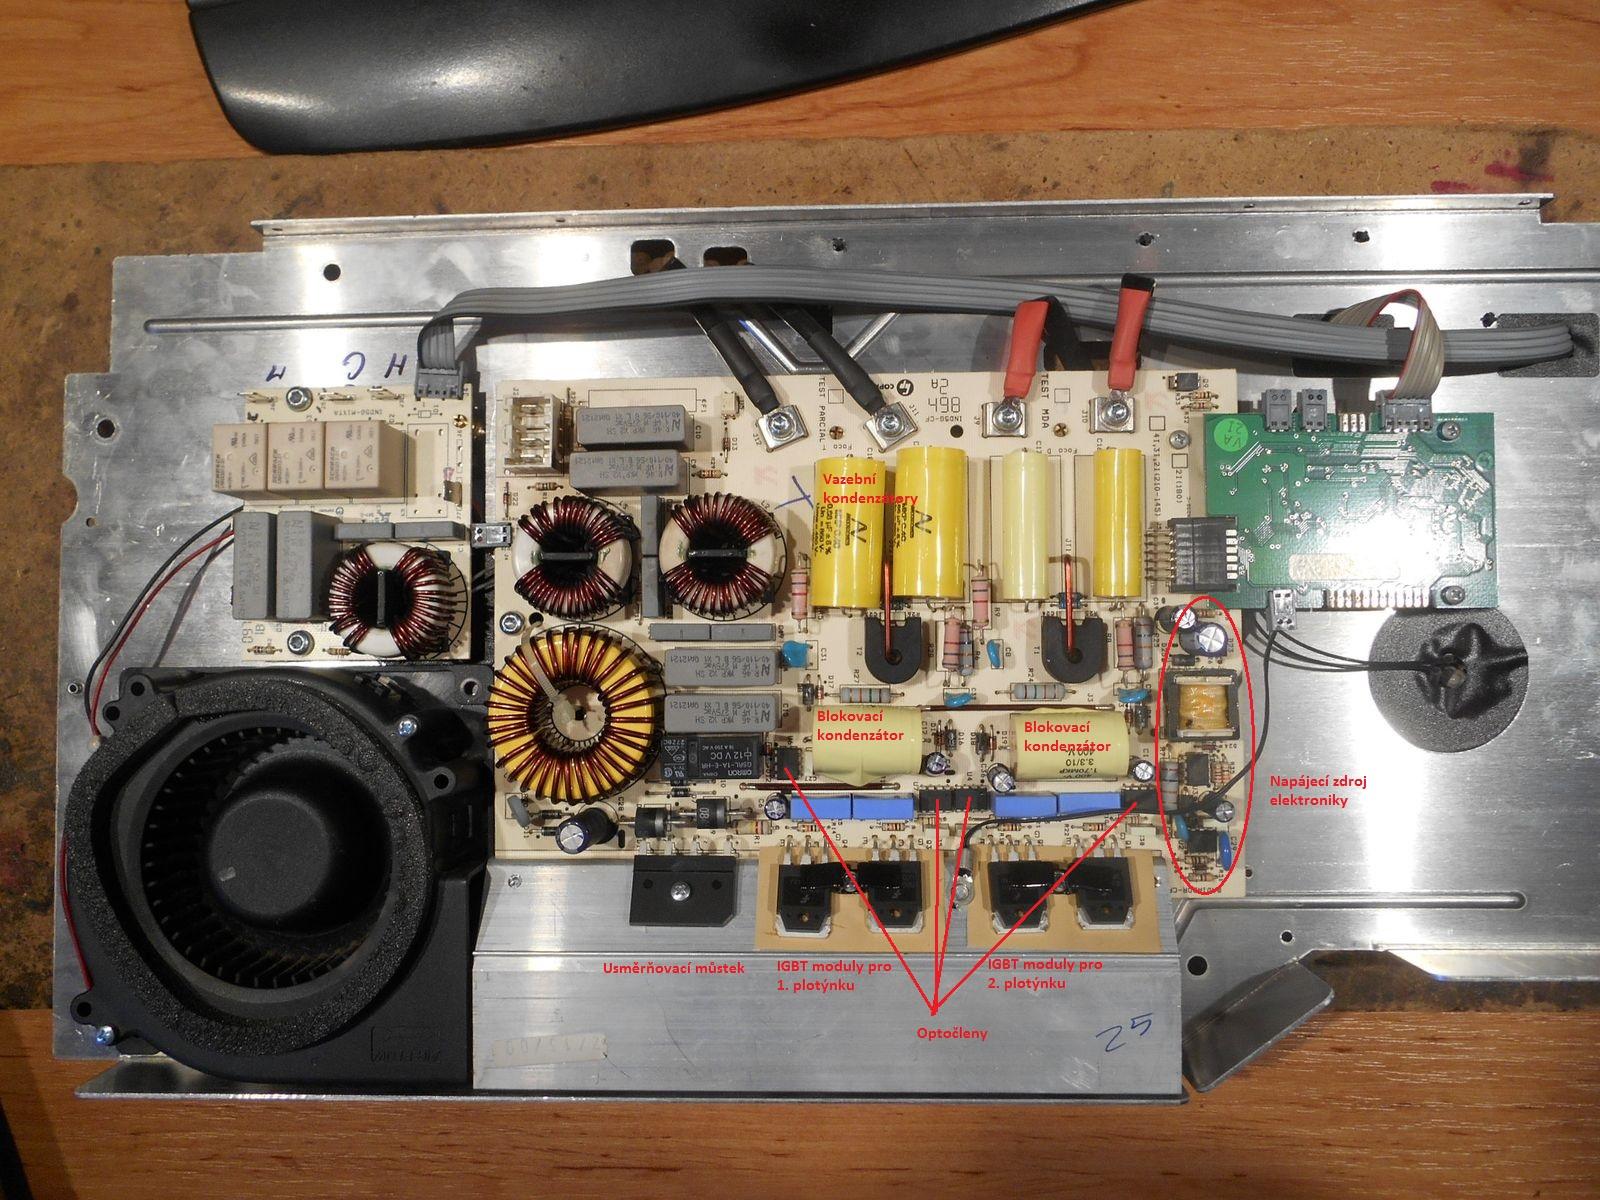 G80n60